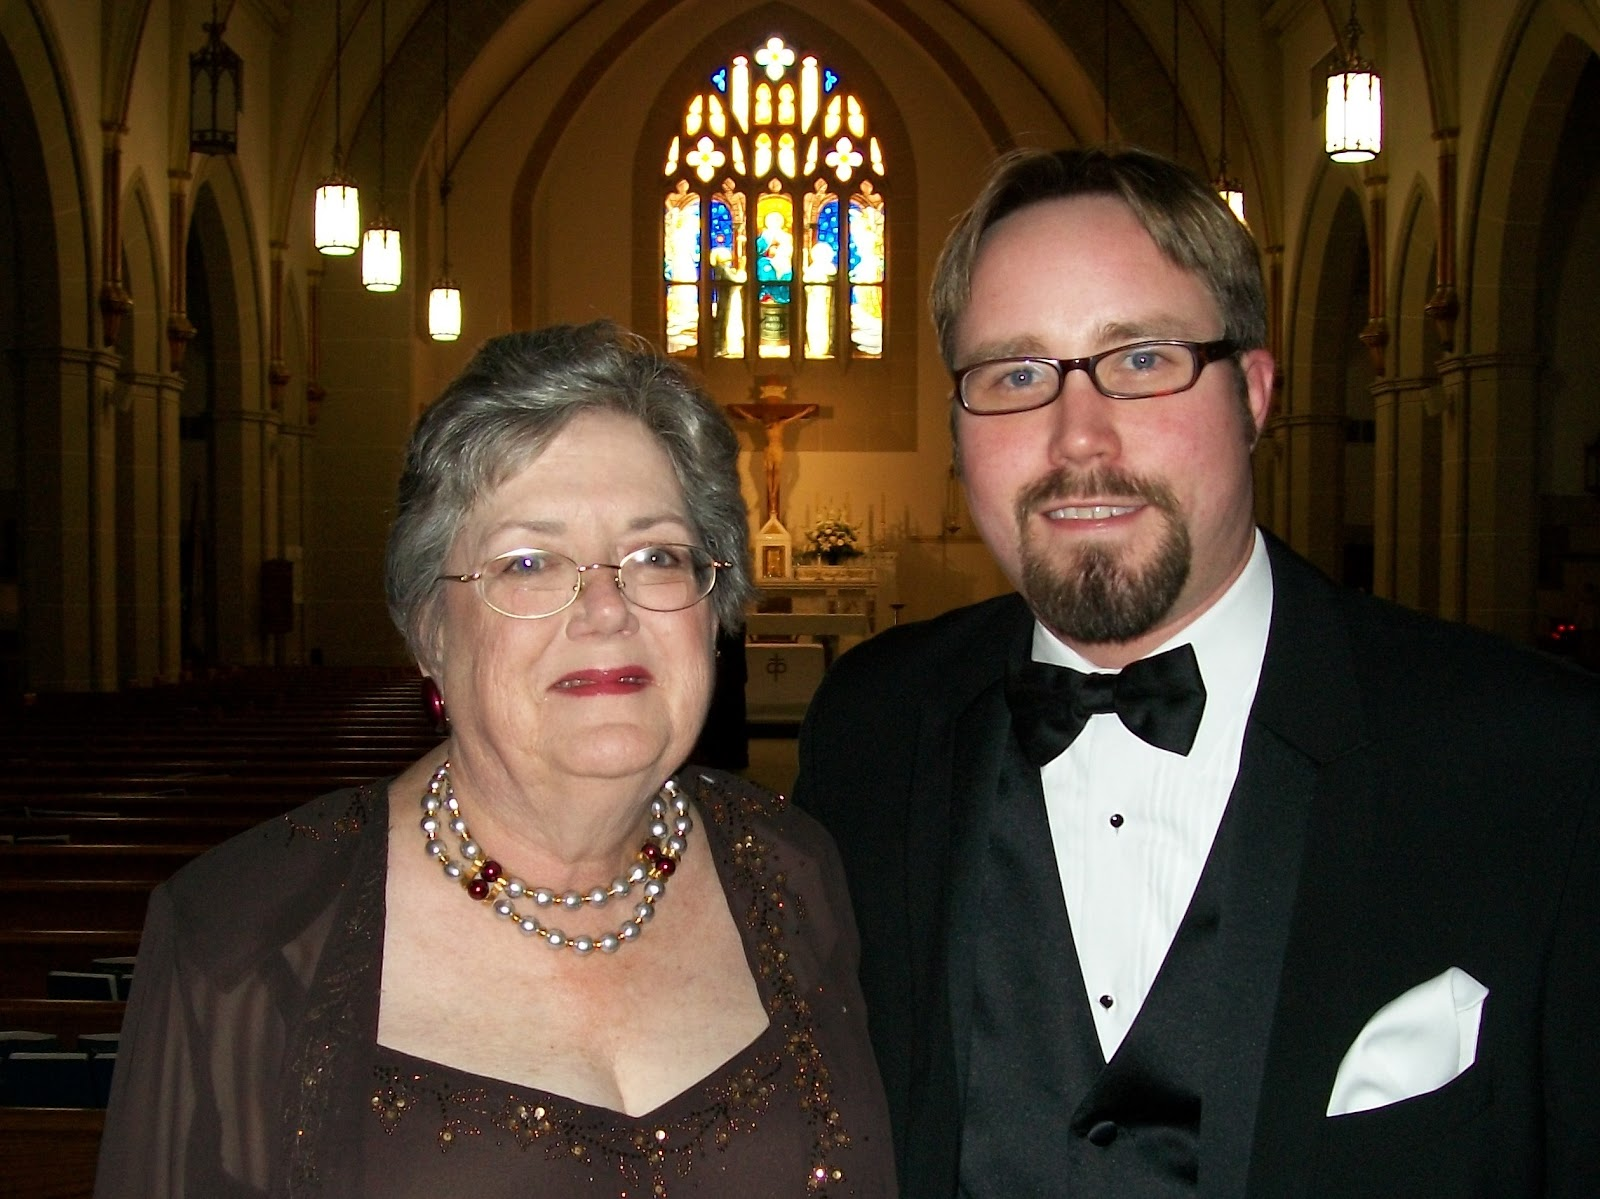 Our Wedding, photos by Joan Moeller - 100_0330.JPG